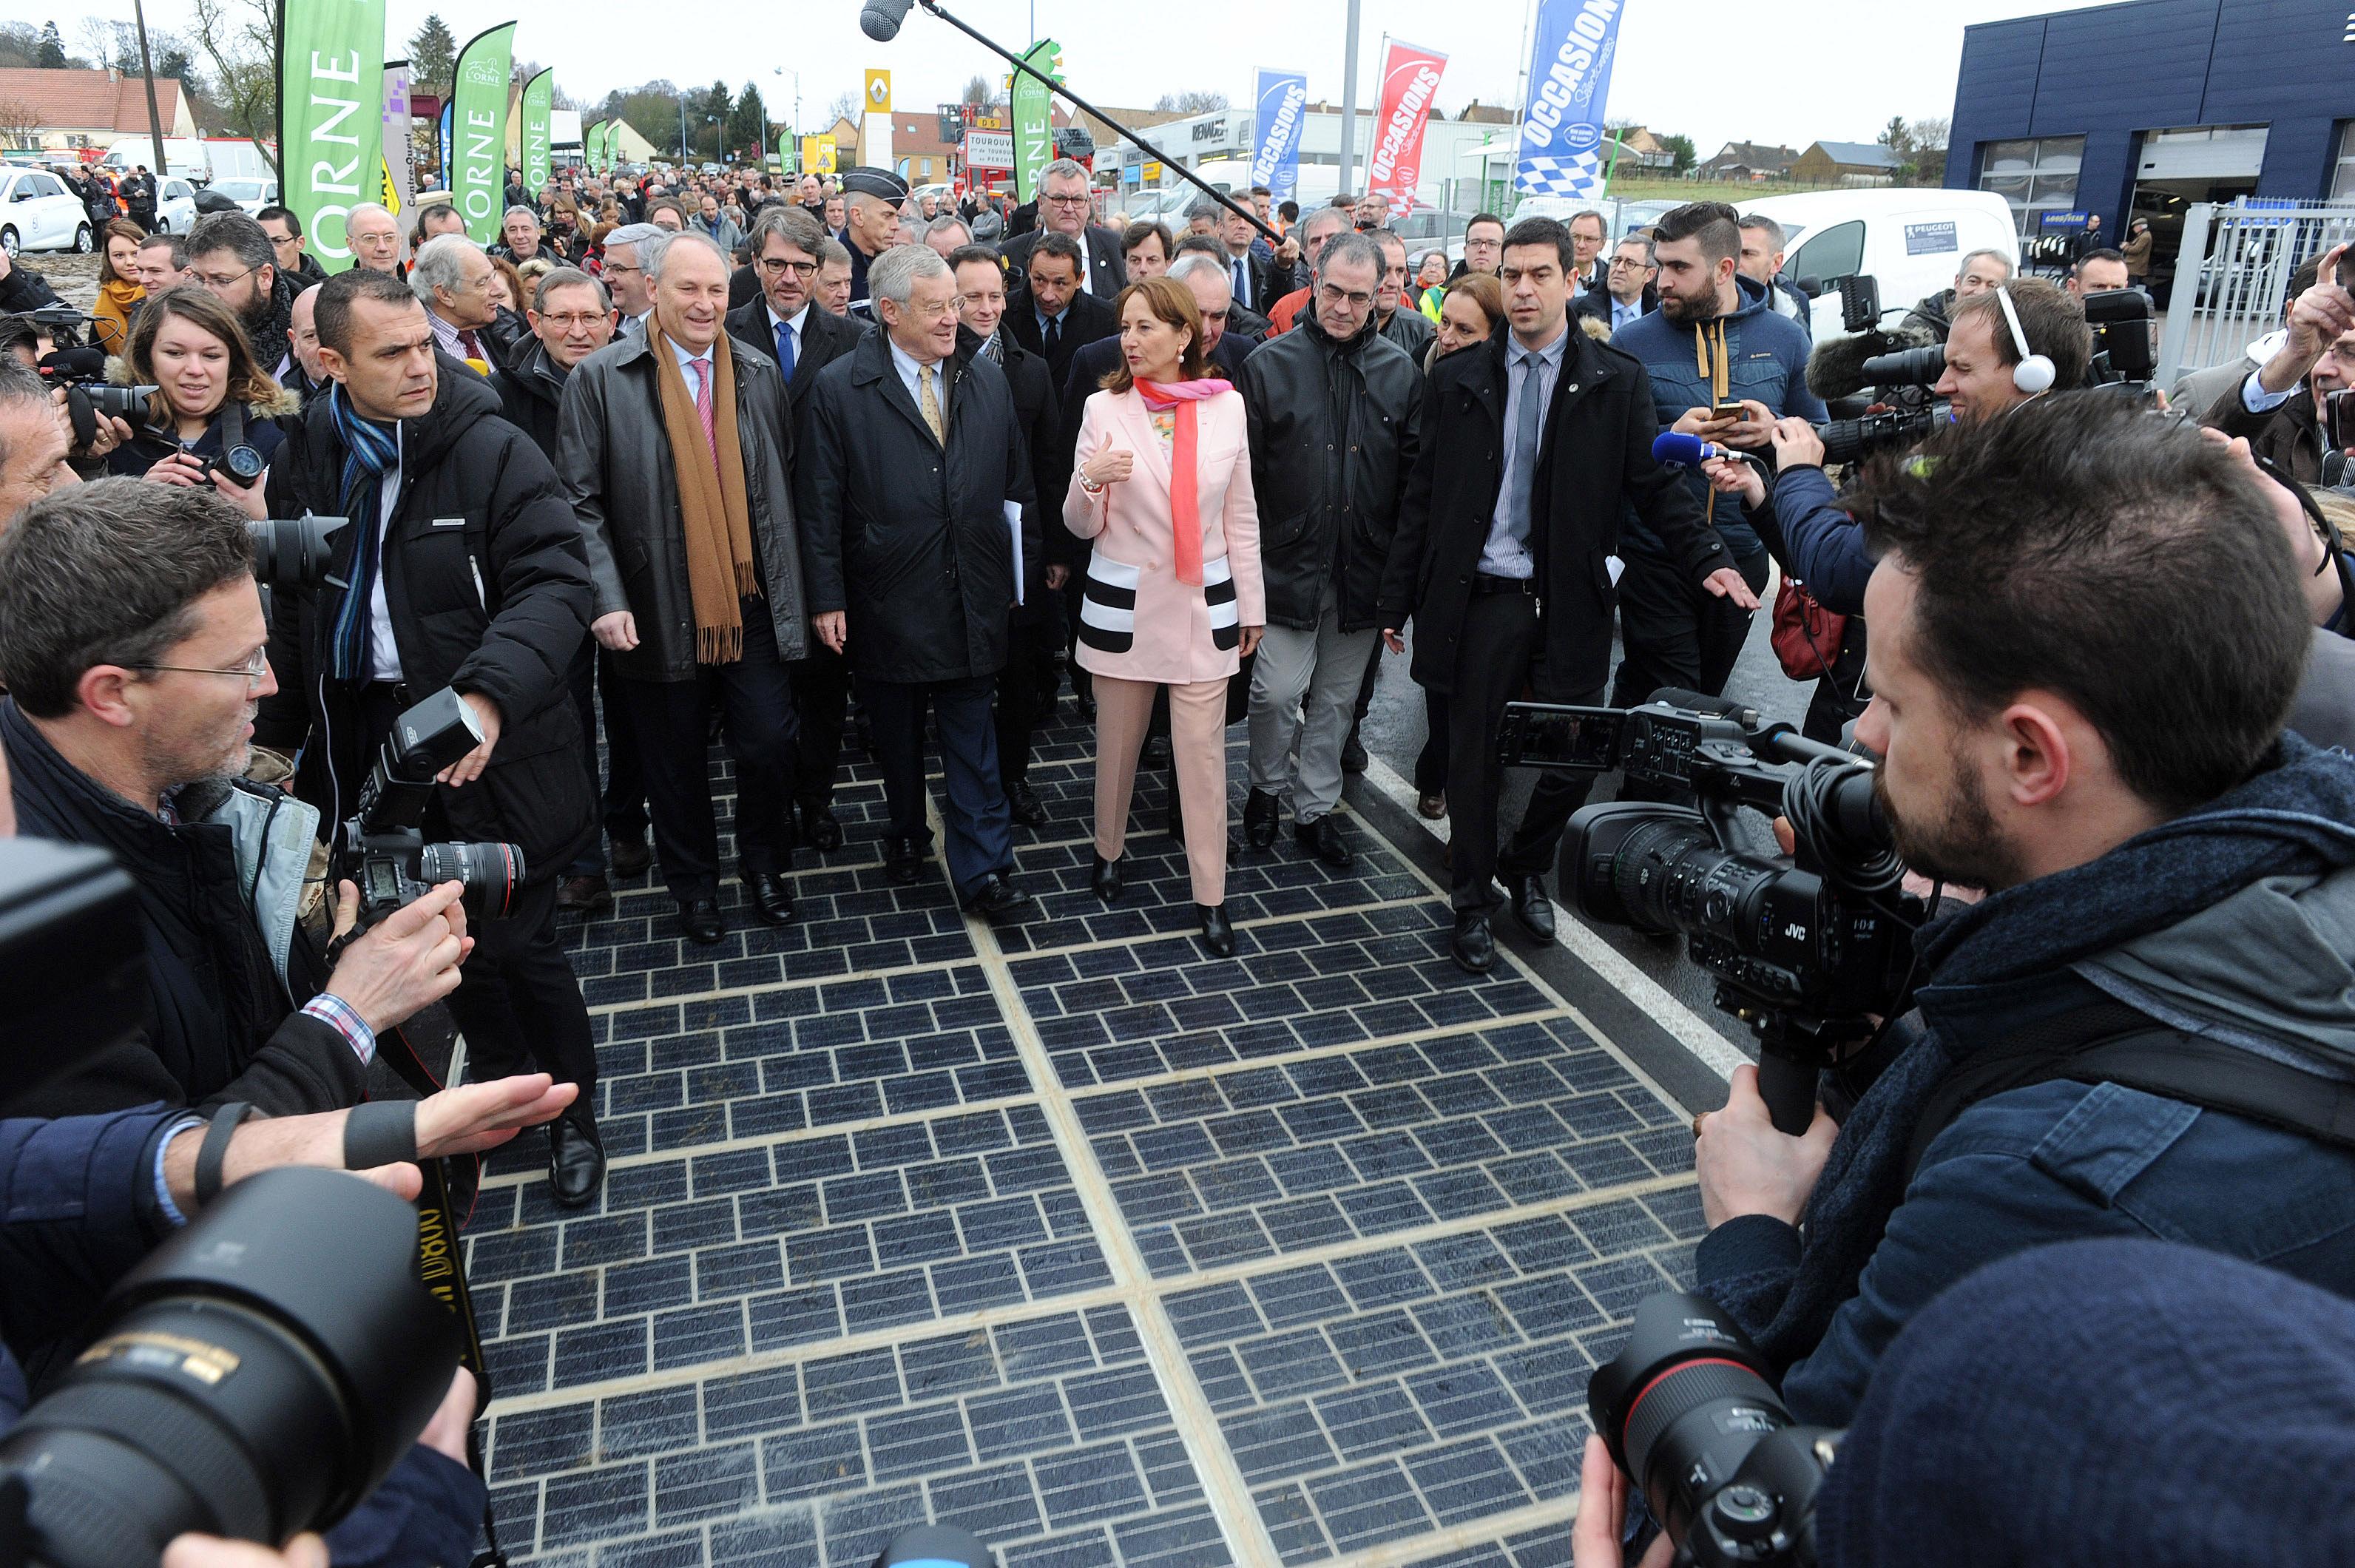 Prva solarna cesta se v praksi žal ni izkazala za uspešno rešitev.